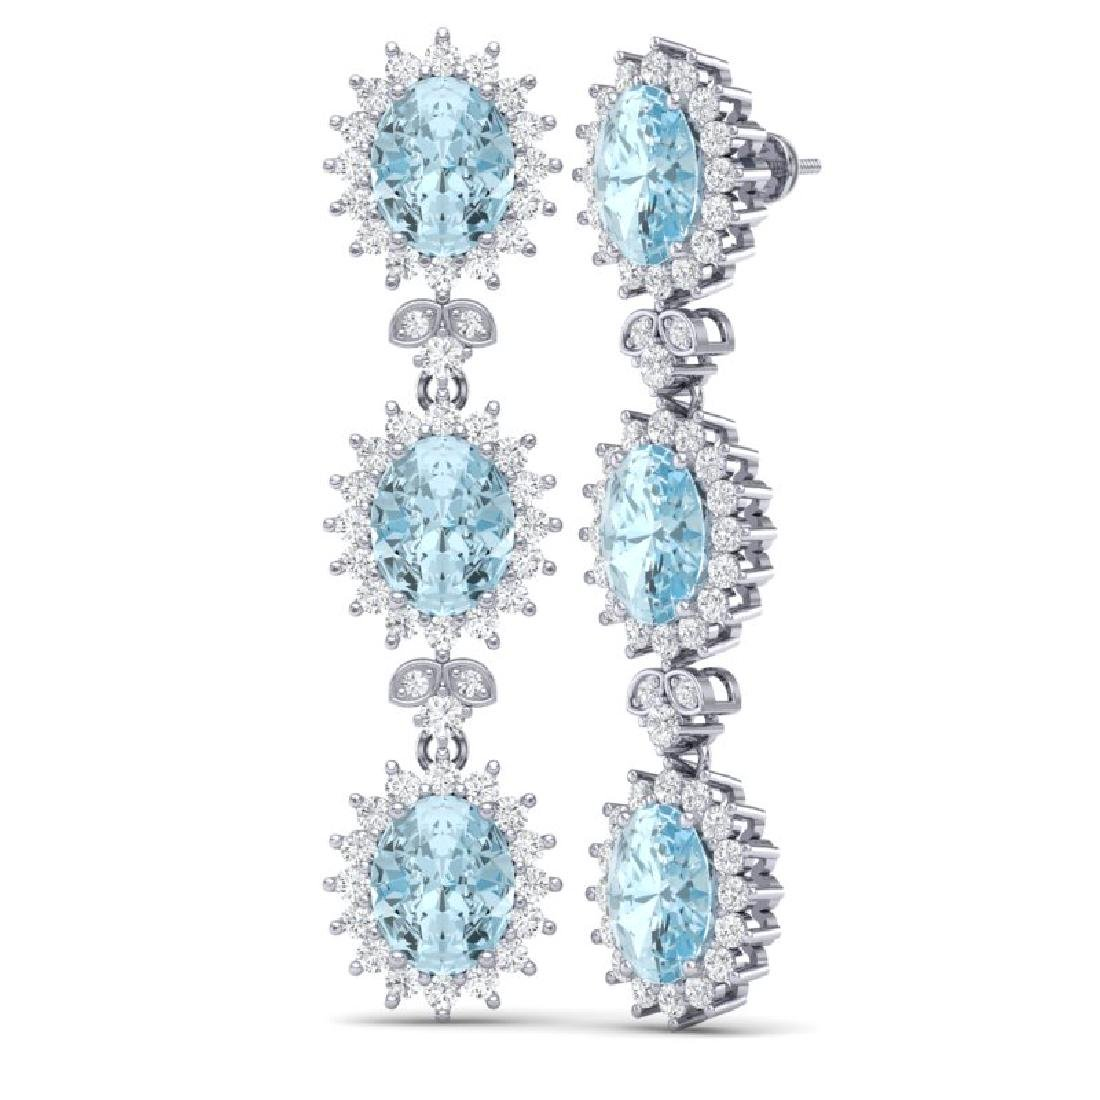 25.06 CTW Royalty Sky Topaz & VS Diamond Earrings 18K - 3